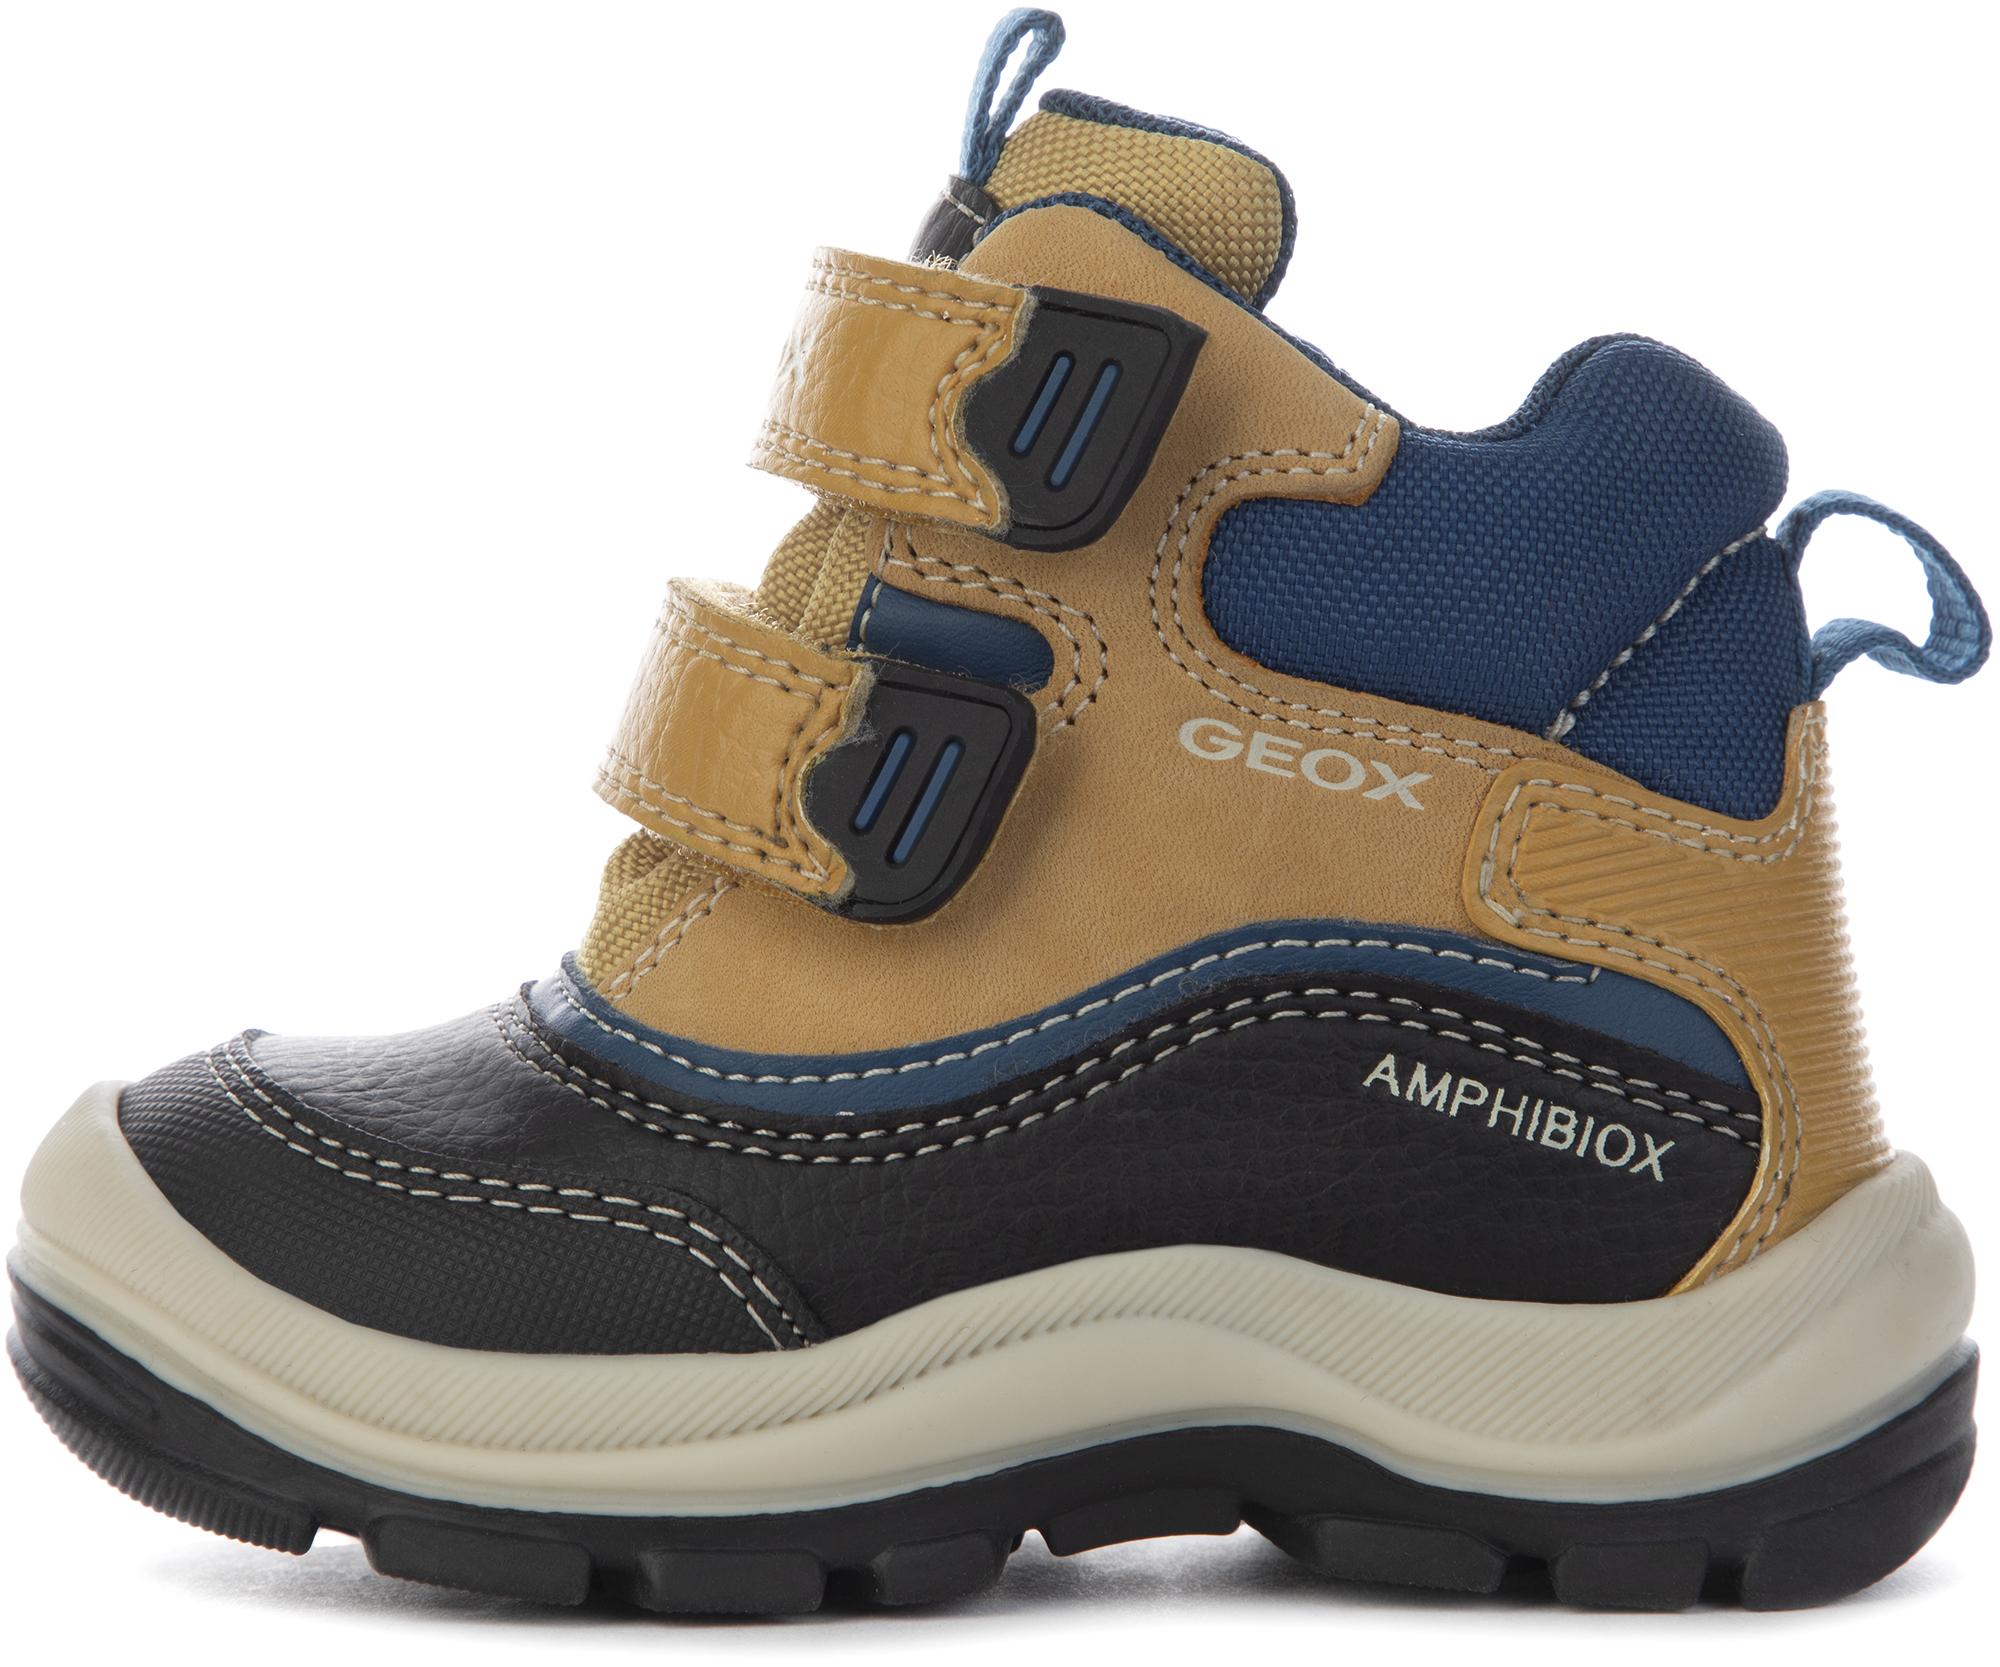 Geox Ботинки утепленные детские Flanfil, размер 27